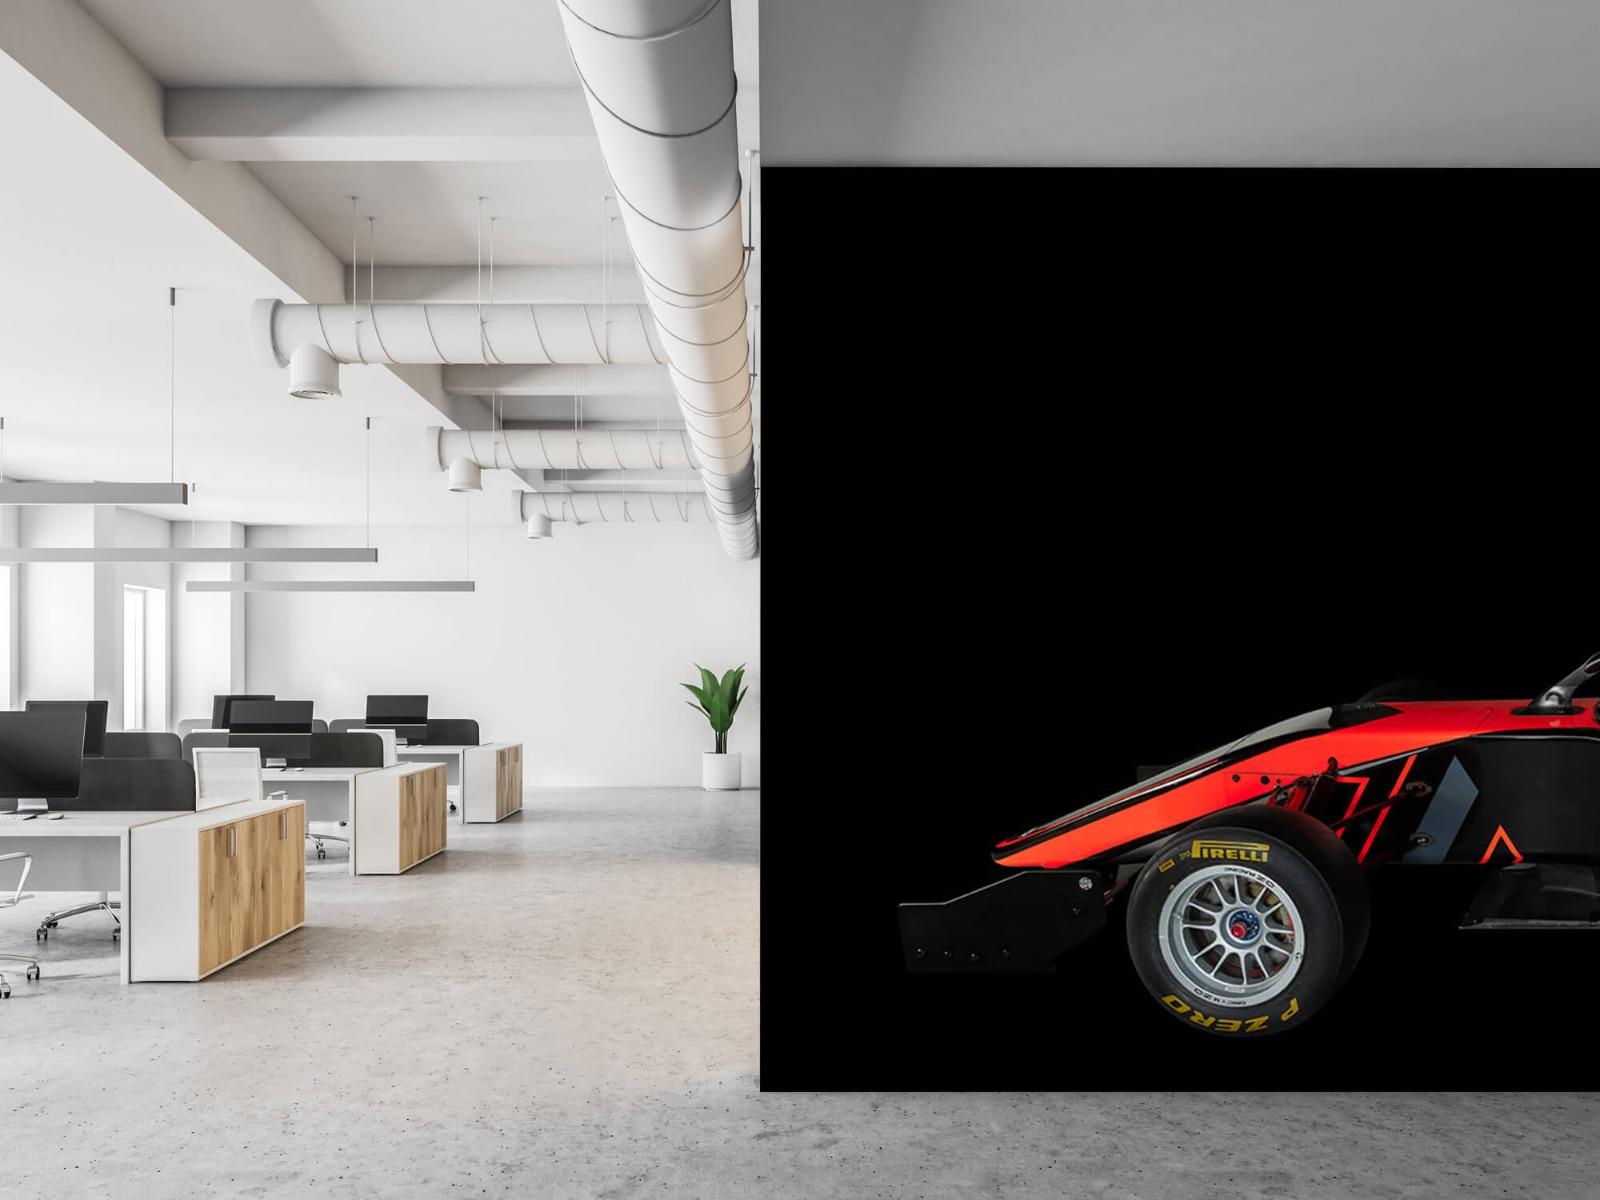 Sportauto's - Formula 3 - Side view - dark - Garage 22